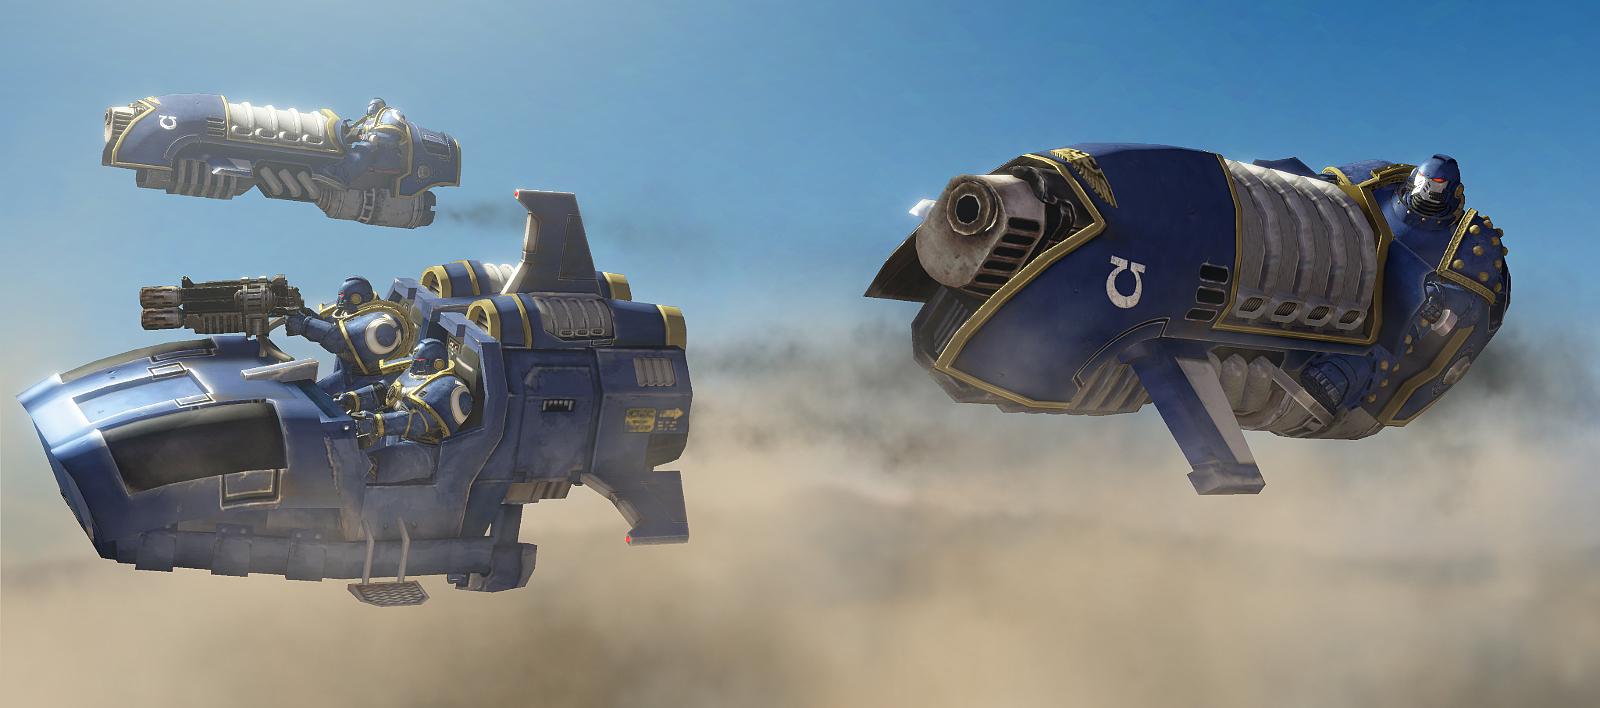 GMod/SFM: Horus Heresy Land Speeder and Jetbike by Joazzz2